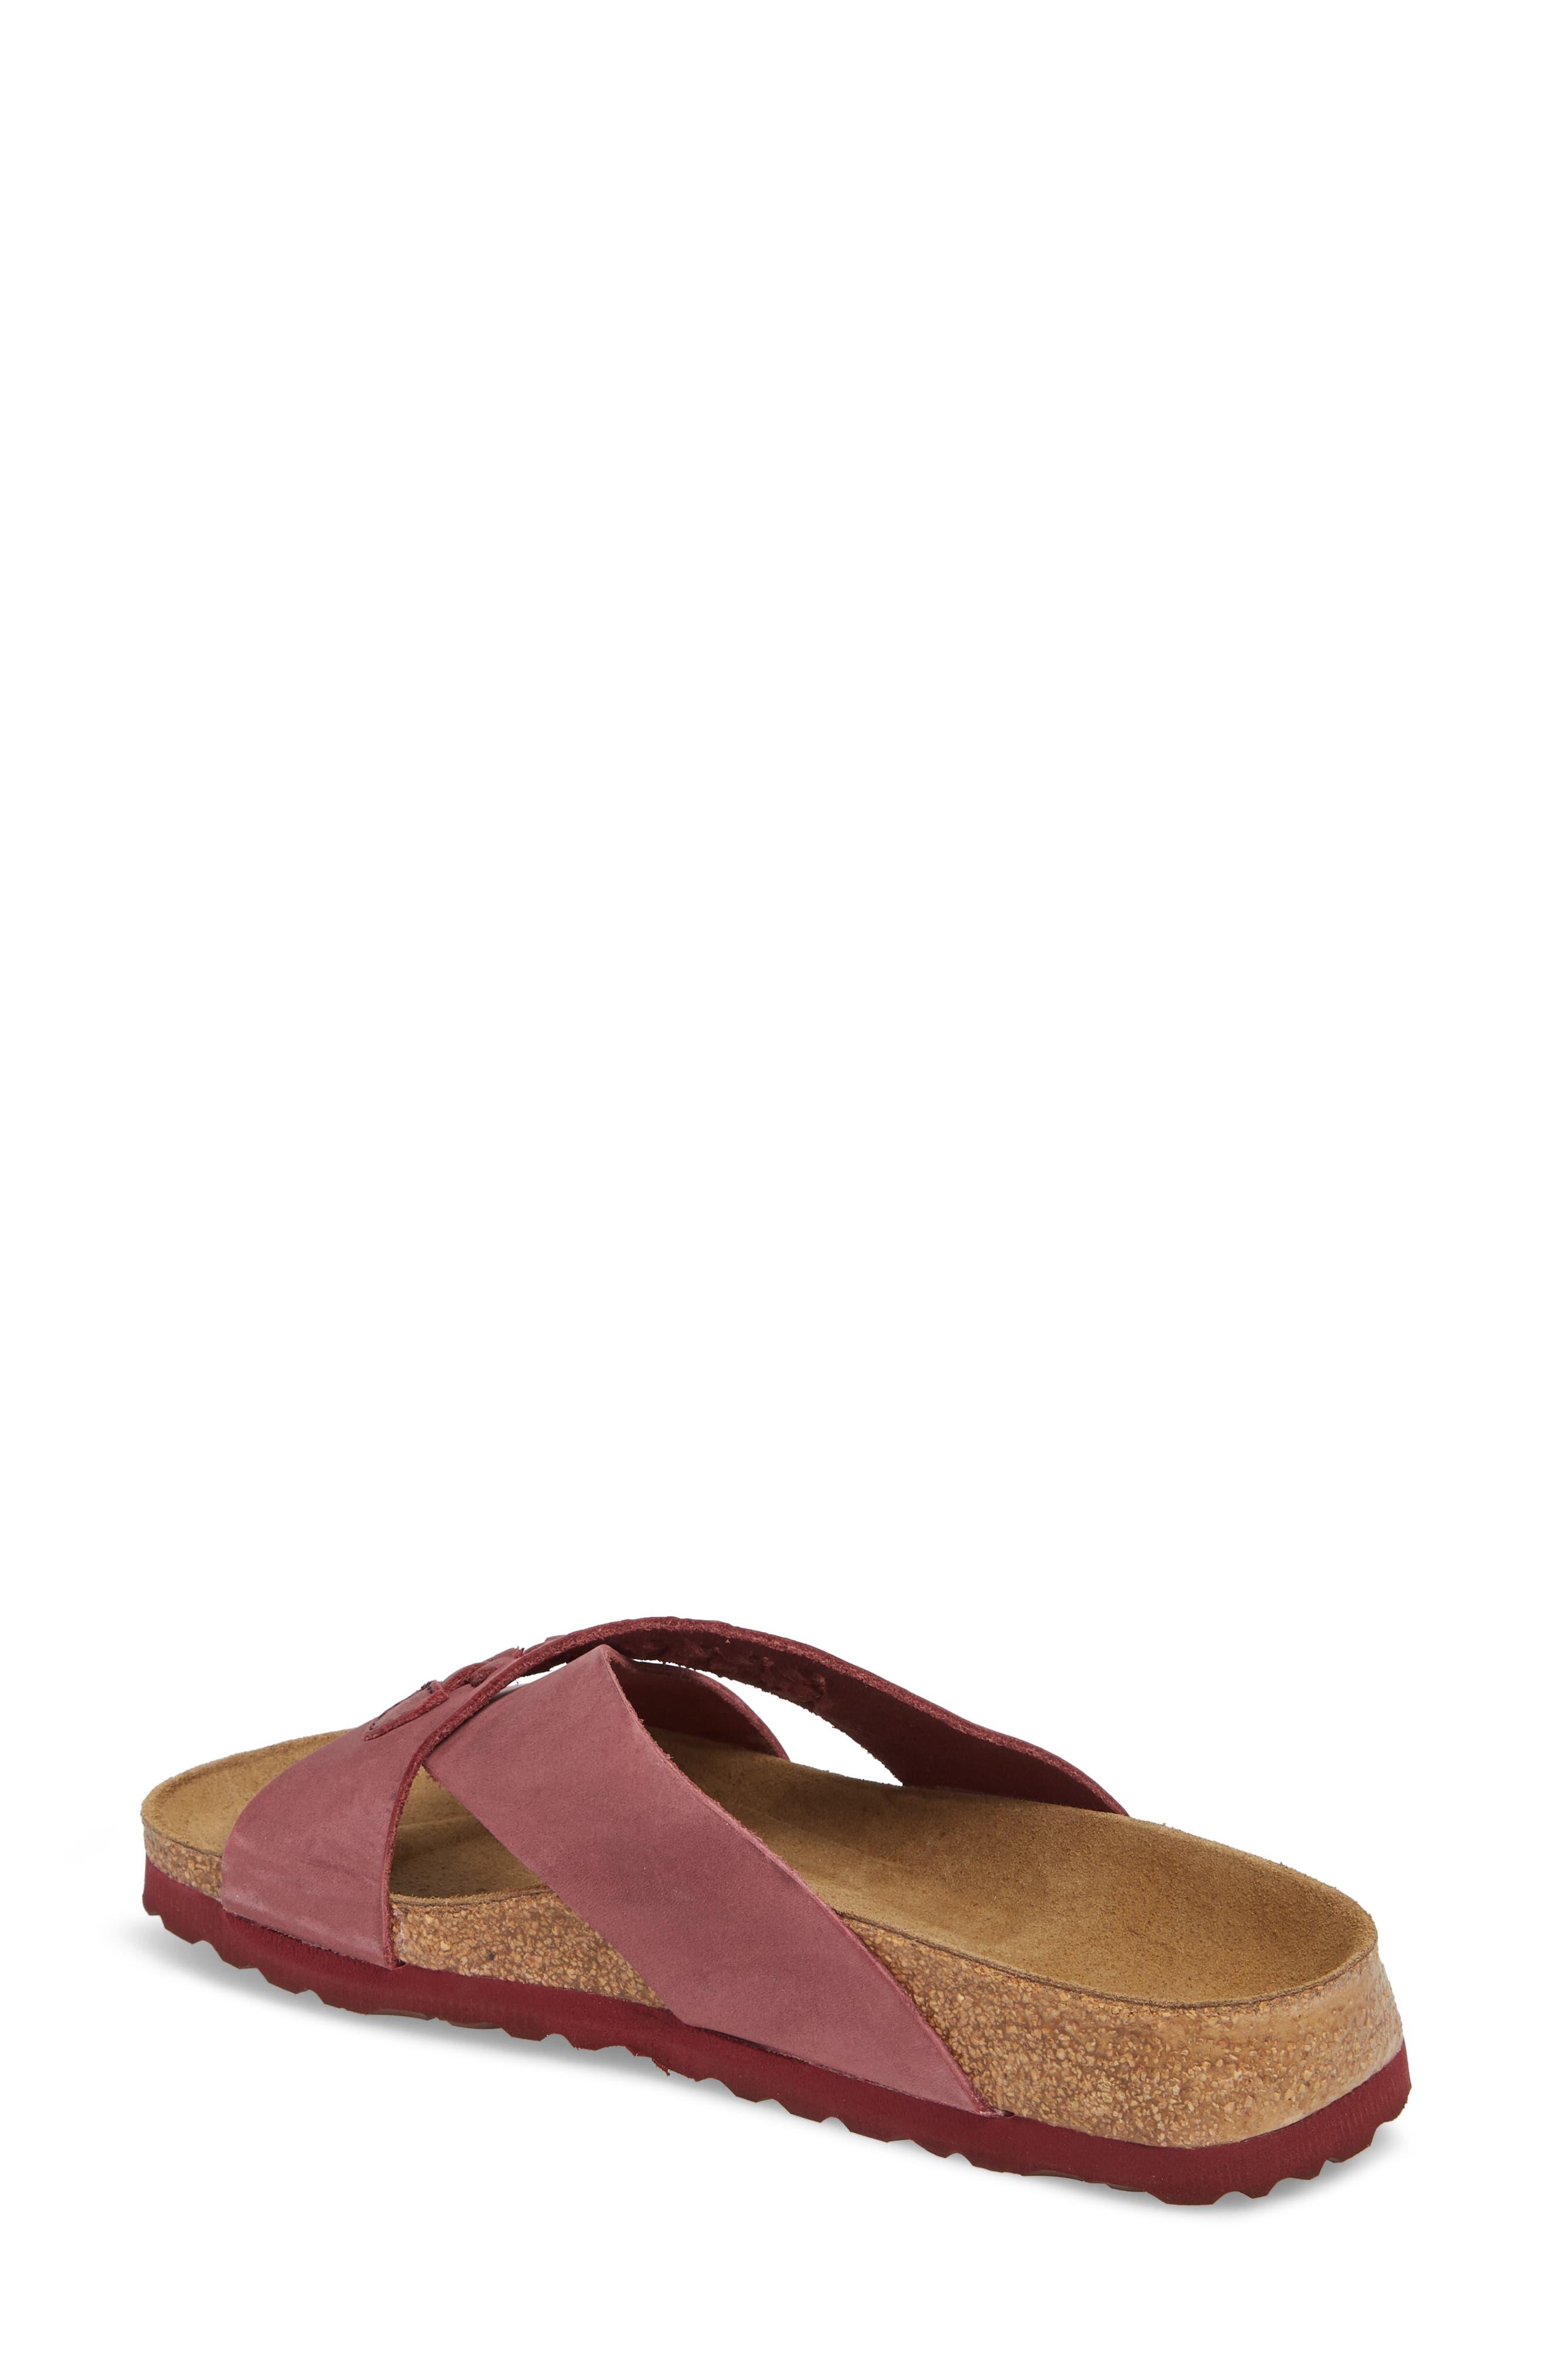 Papillio by Birkenstock Daytona Slide Sandal,                             Alternate thumbnail 2, color,                             Woven Wine Nubuck